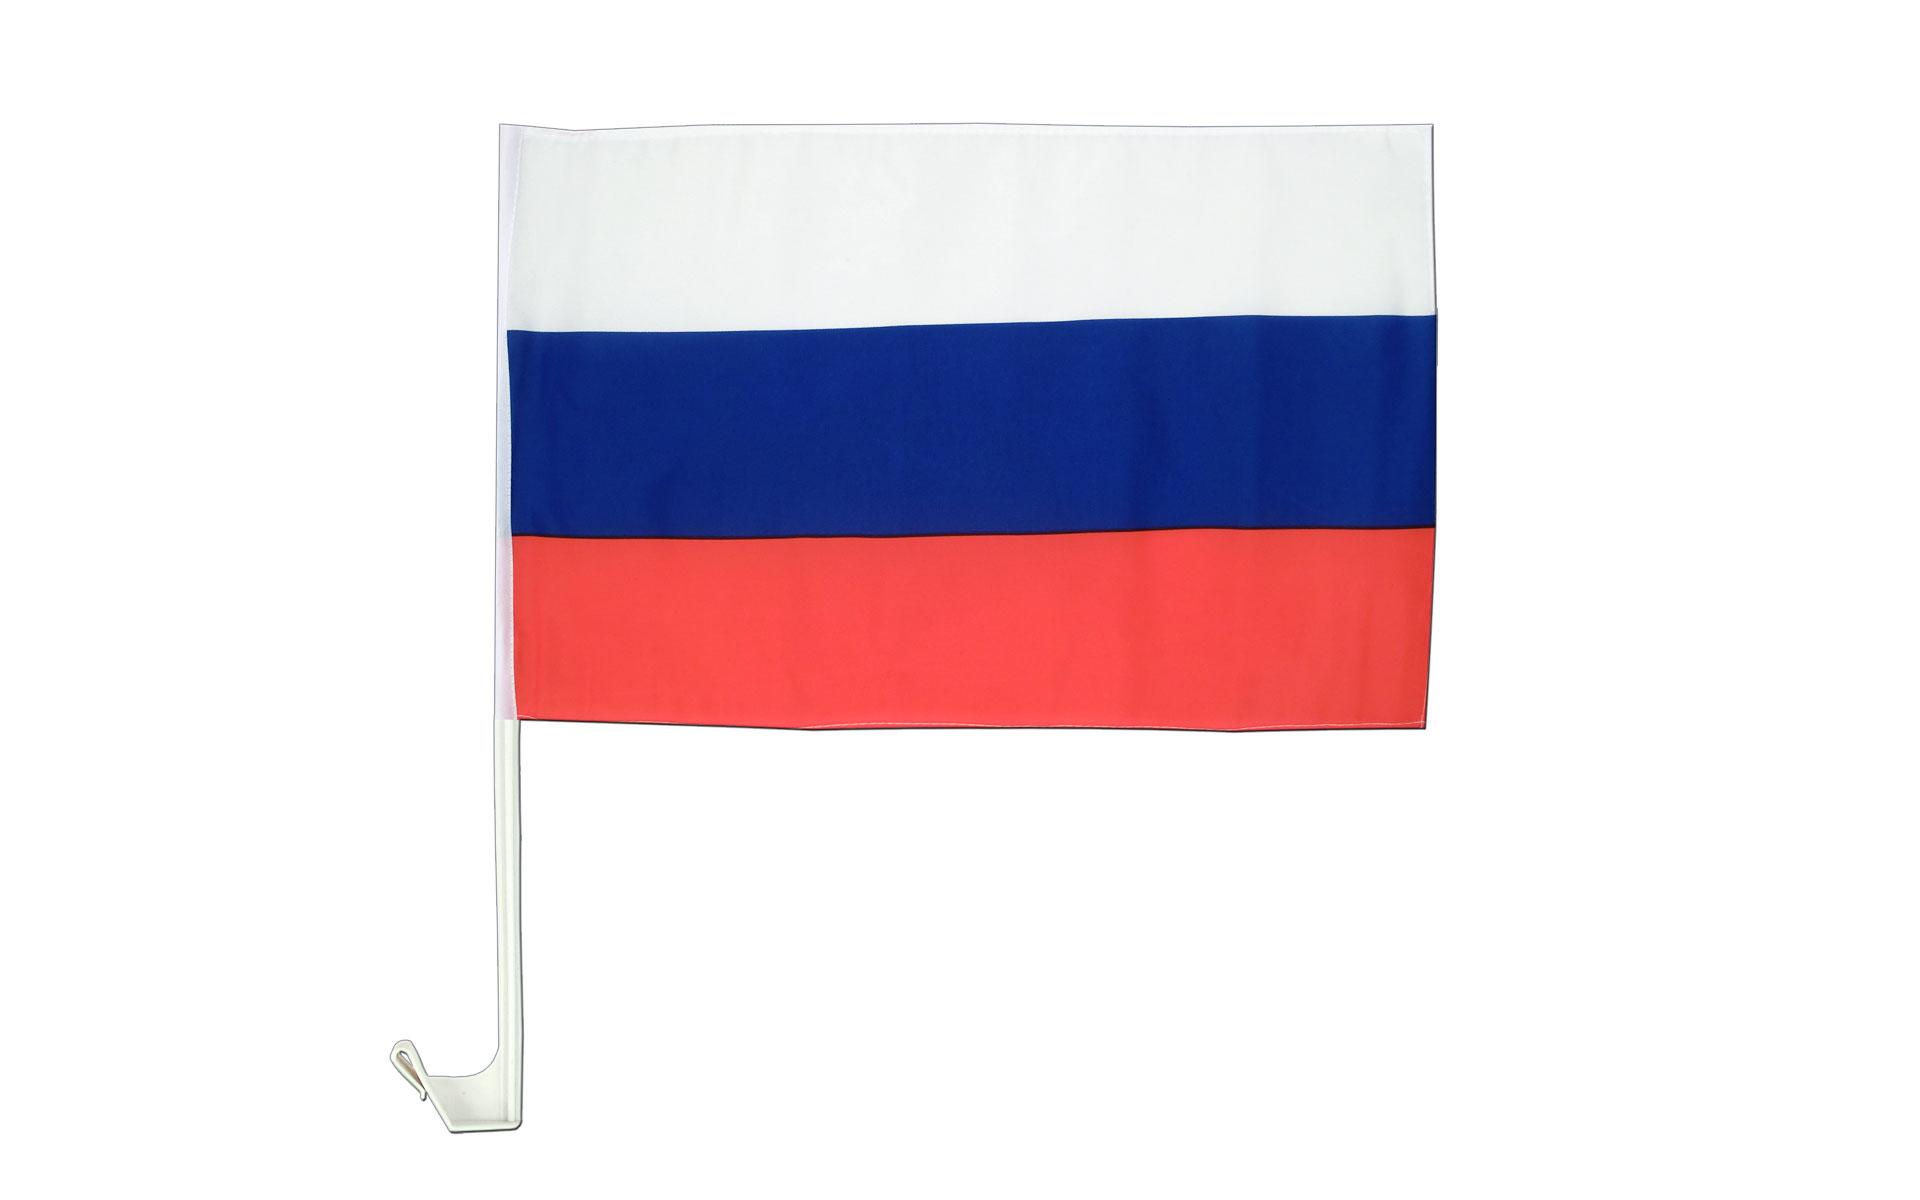 Le jour du drapeau national de la Russie - Russian Visa